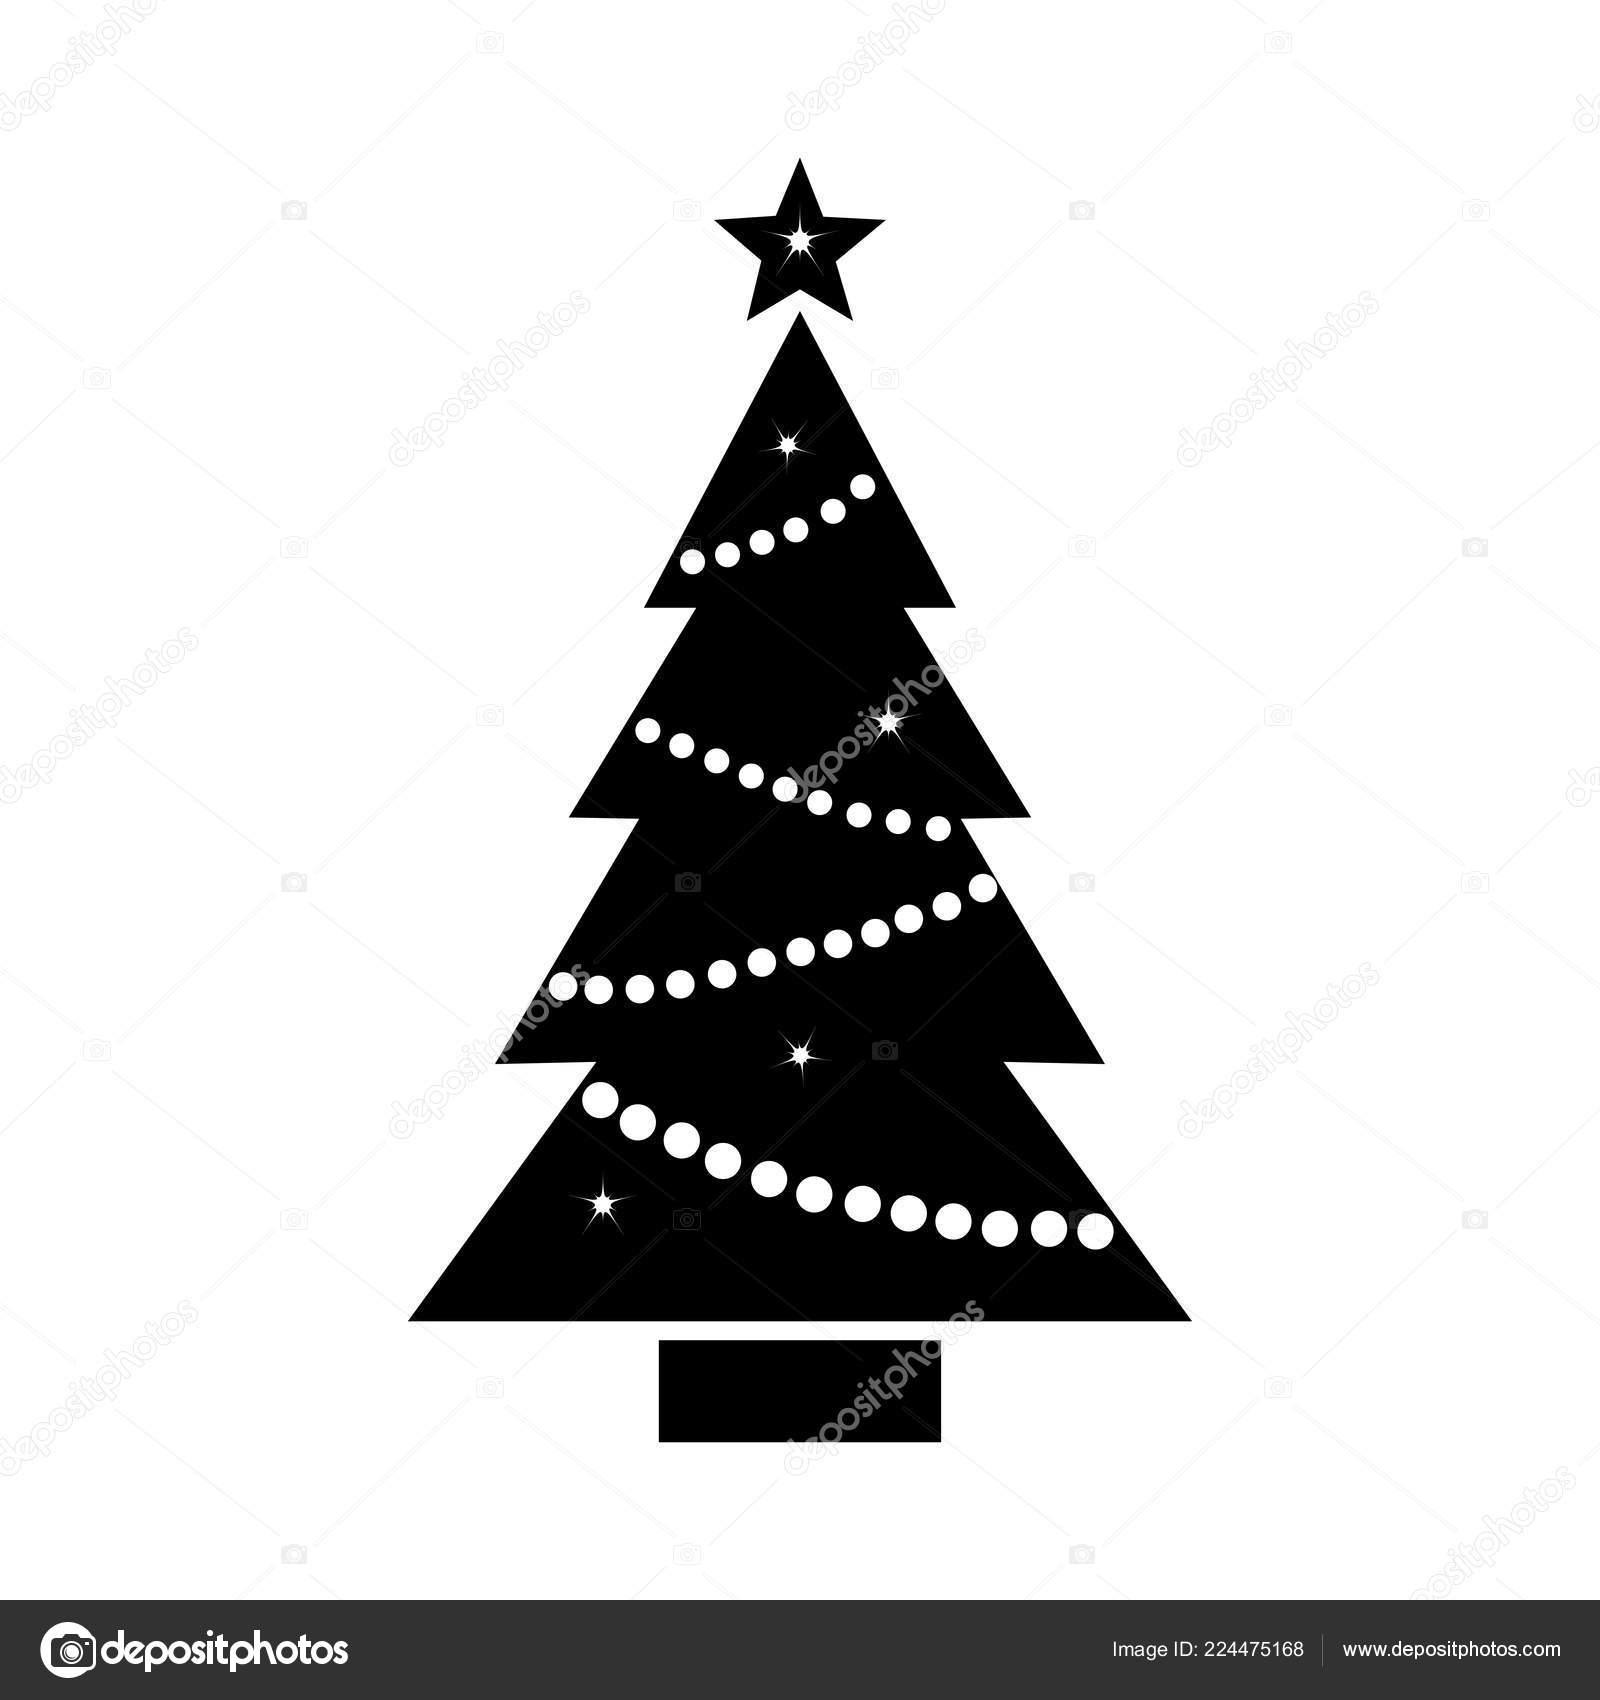 Stern Auf Weihnachtsbaum.Weihnachtsbaum Symbol Mit Stern Und Kranz Schwarz Weiß Silhouette